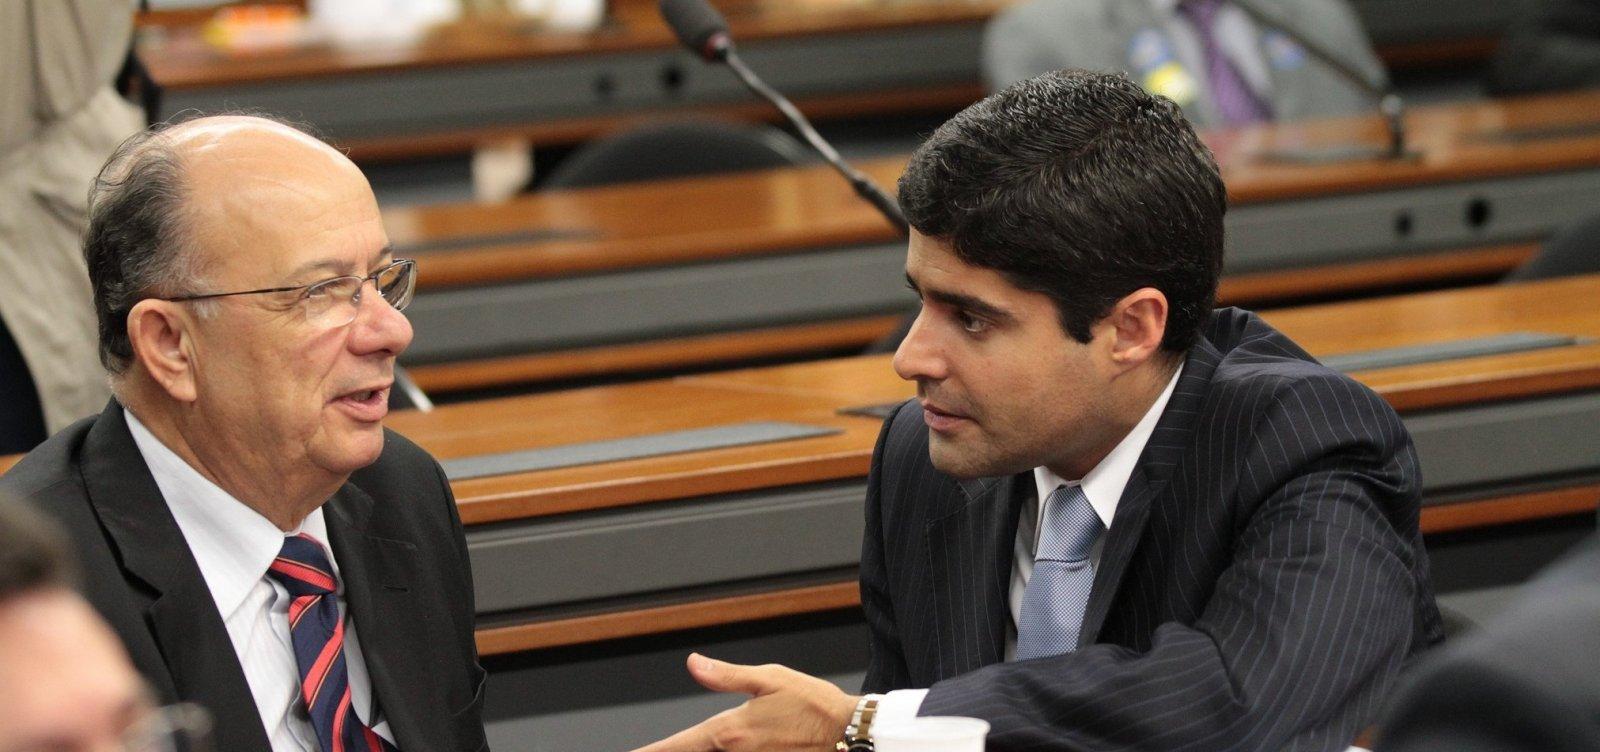 Após 'enquete', ACM Neto enquadra Zé Ronaldo sobre apoio a Alckmin